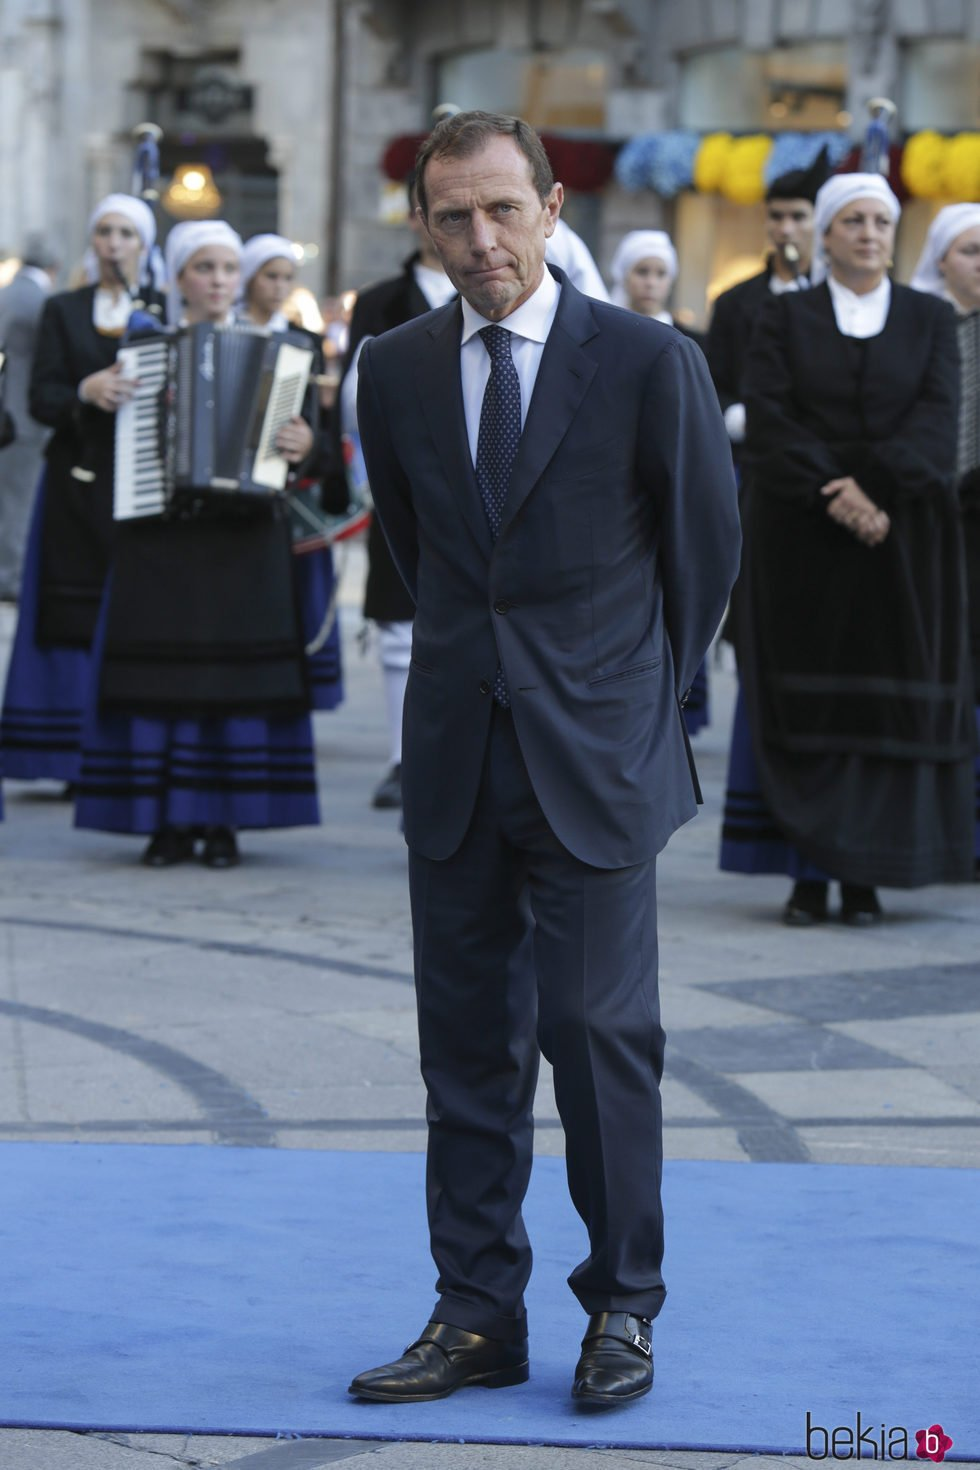 Emilio Butragueño en los Premios Princesa de Asturias 2017